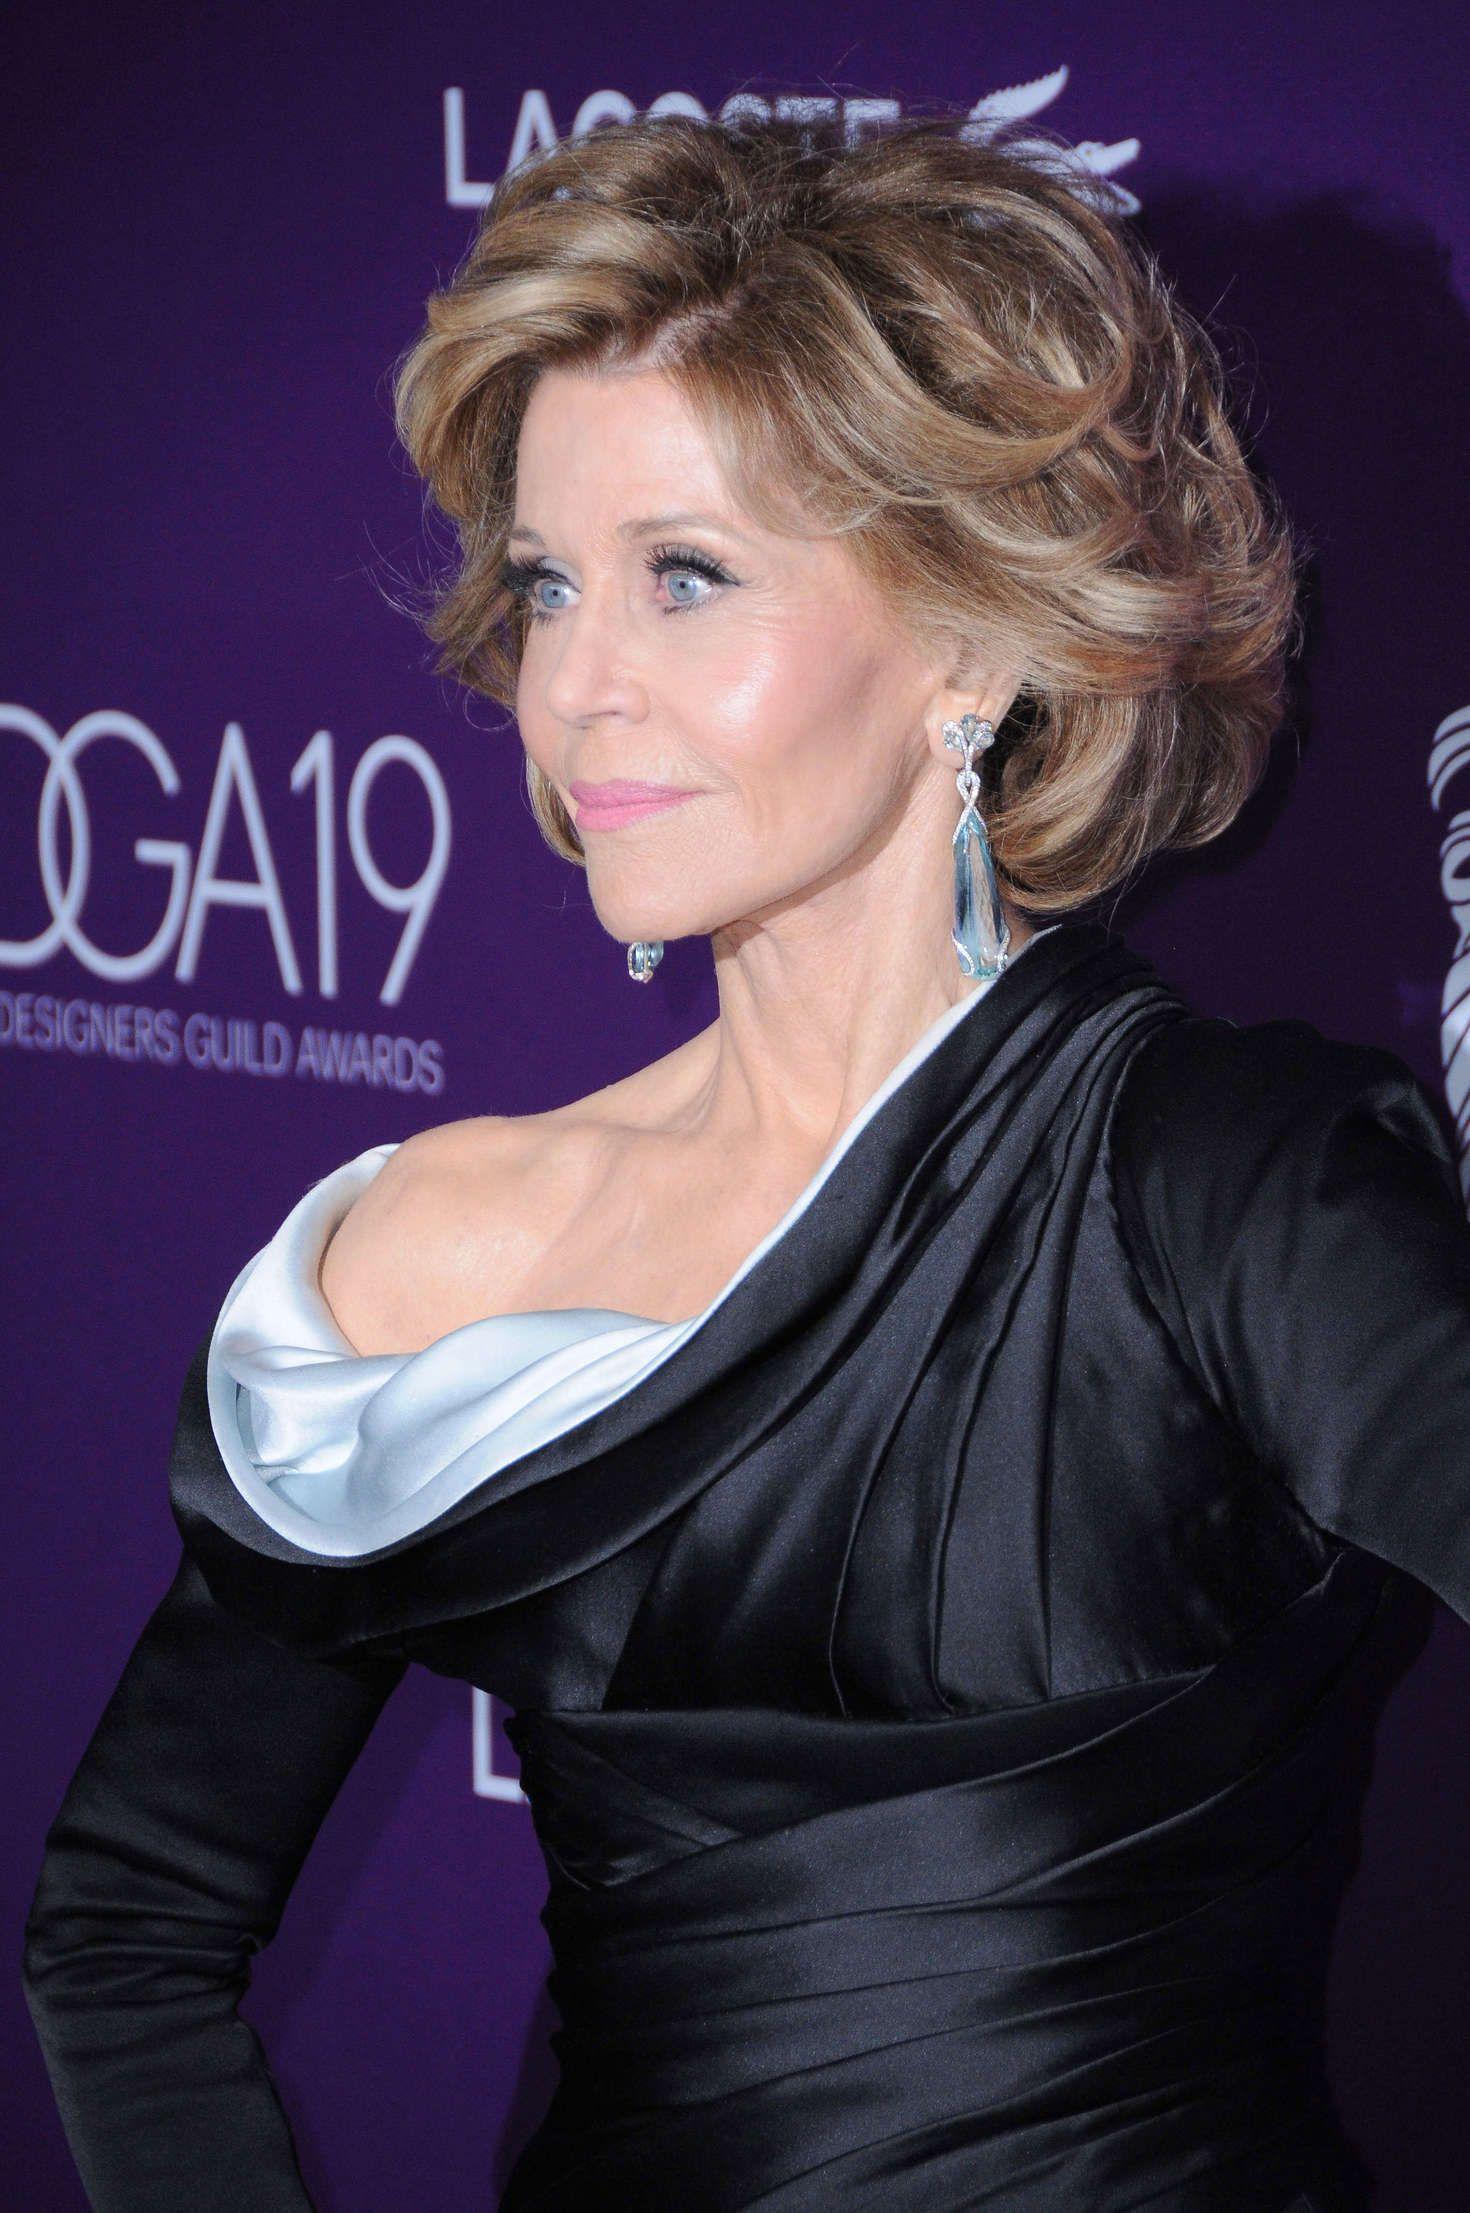 Super Jane Fonda Frisur Frisur Jane Fonda Haar Styling Styling Kurzes Haar